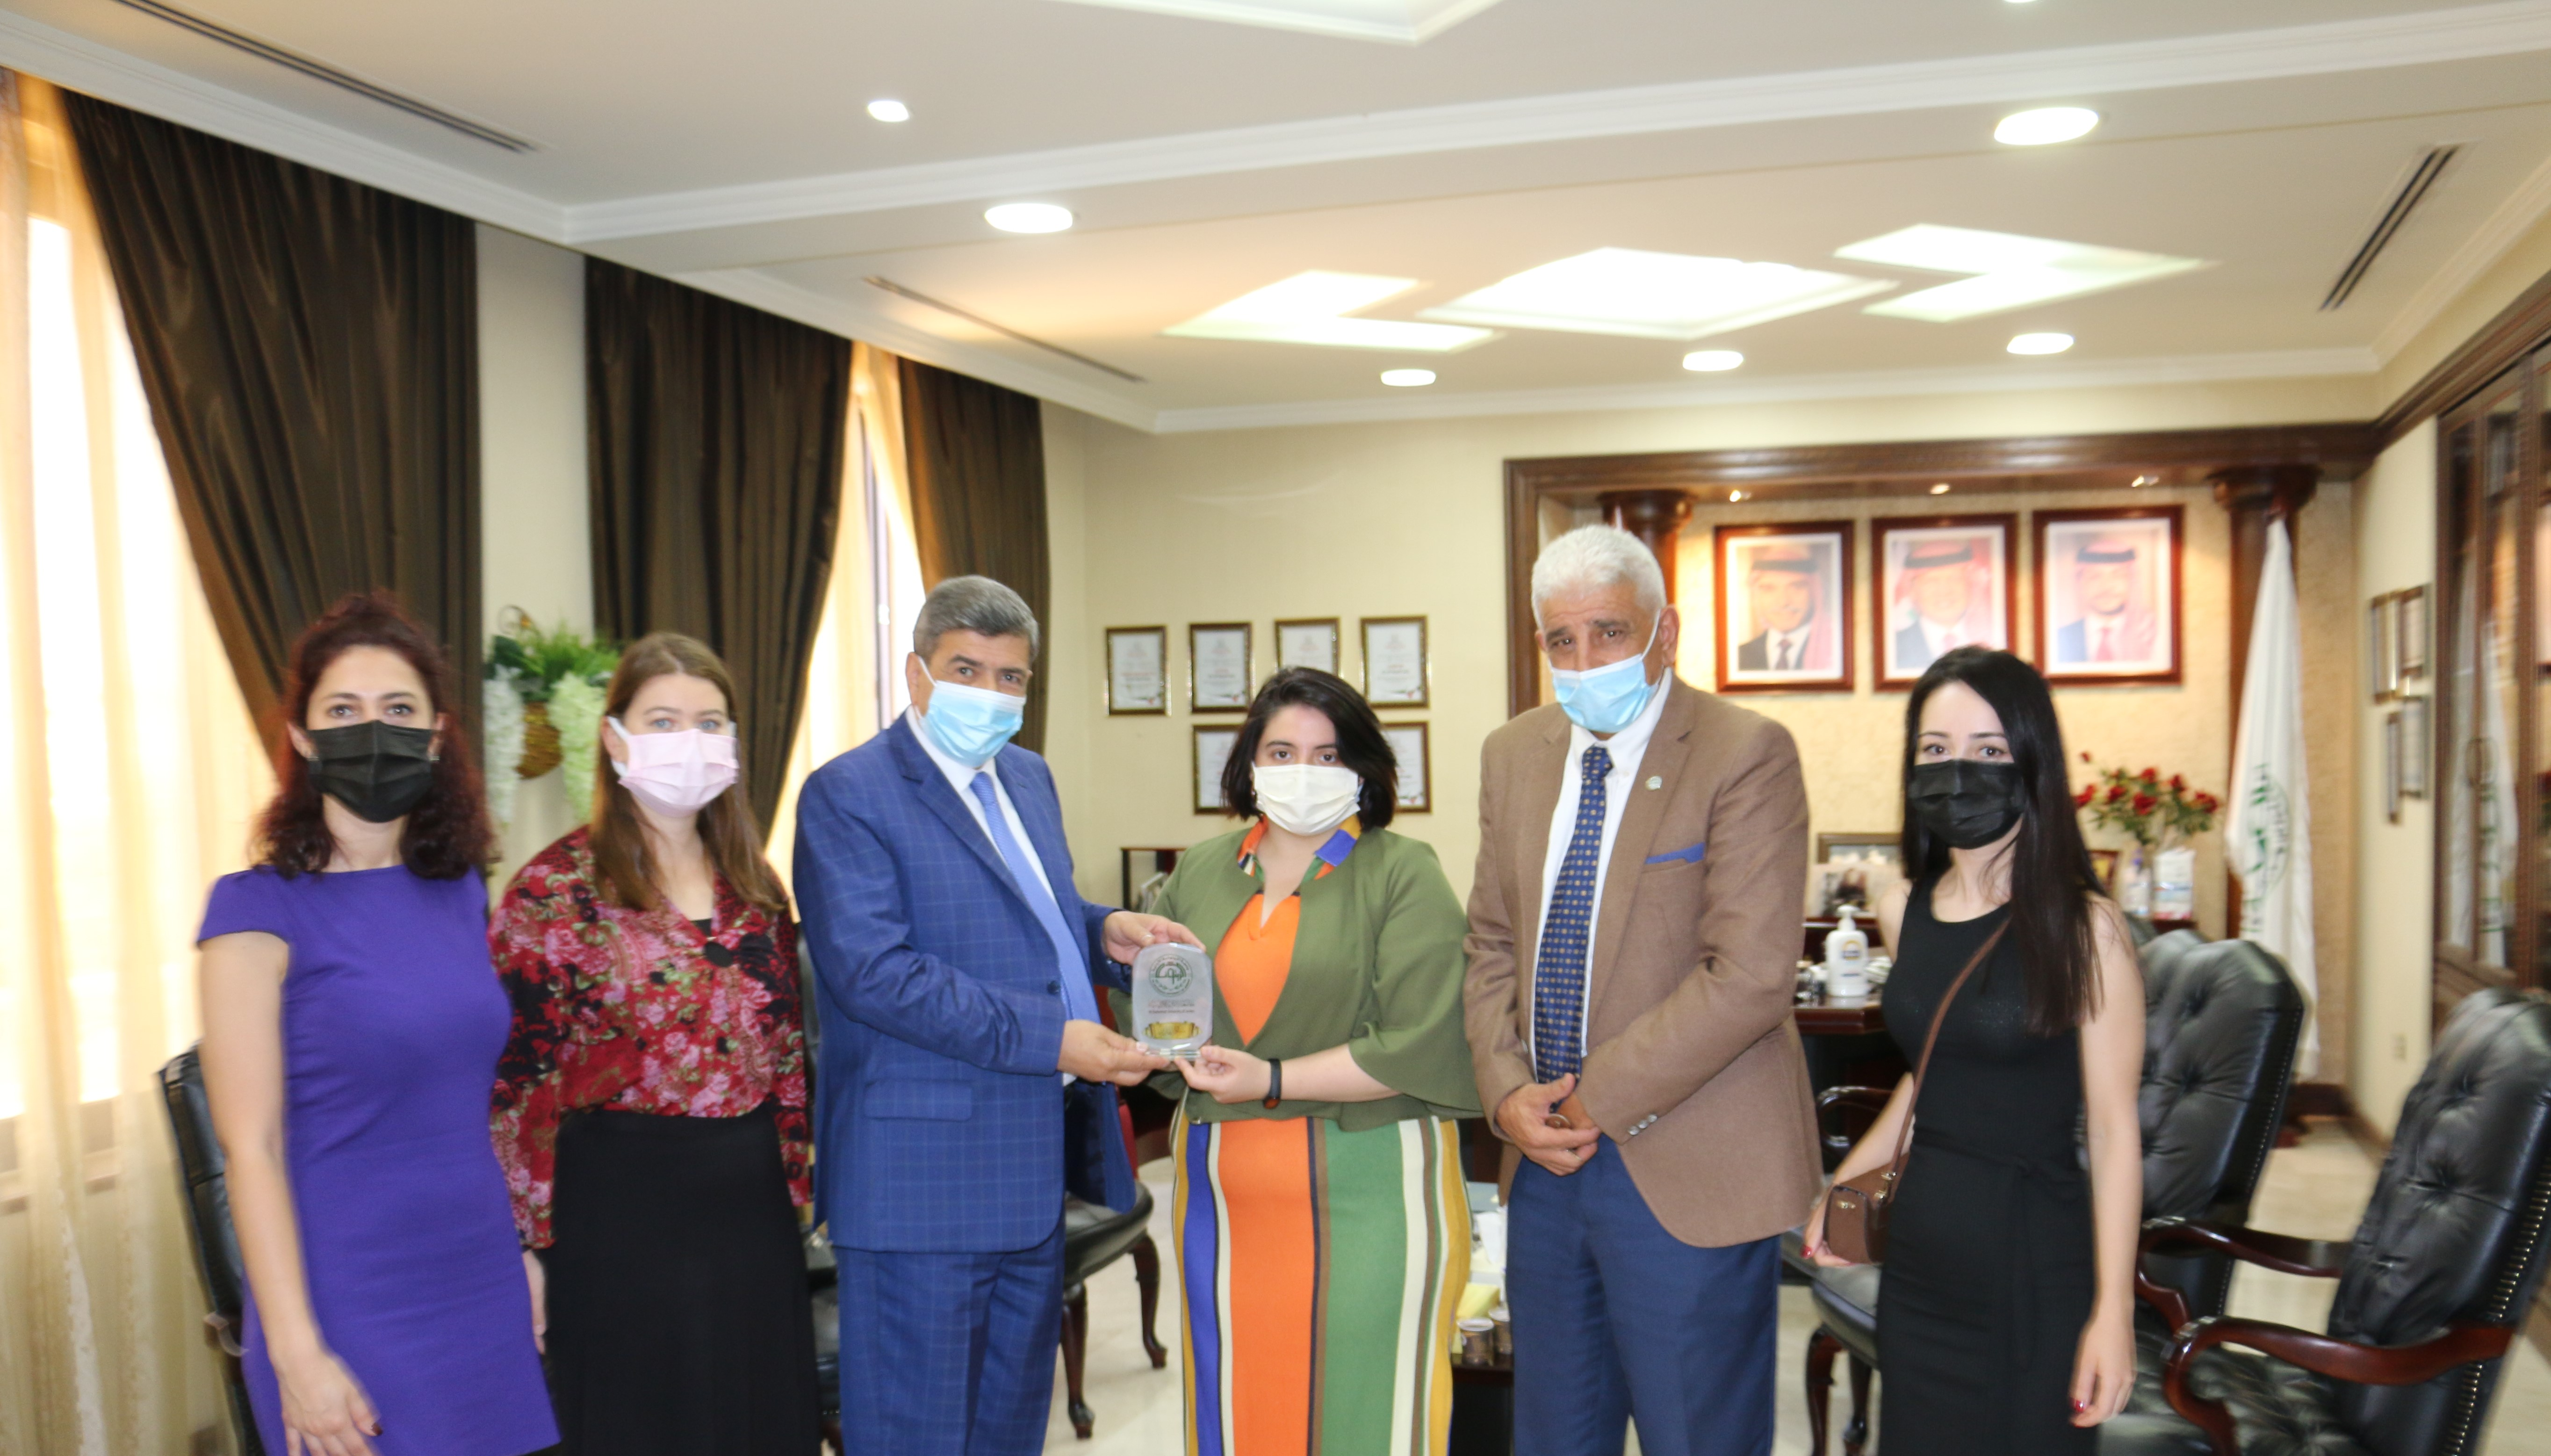 جامعة الزيتونة الأردنية تبحث التعاون مع جامعة التن باش التركية